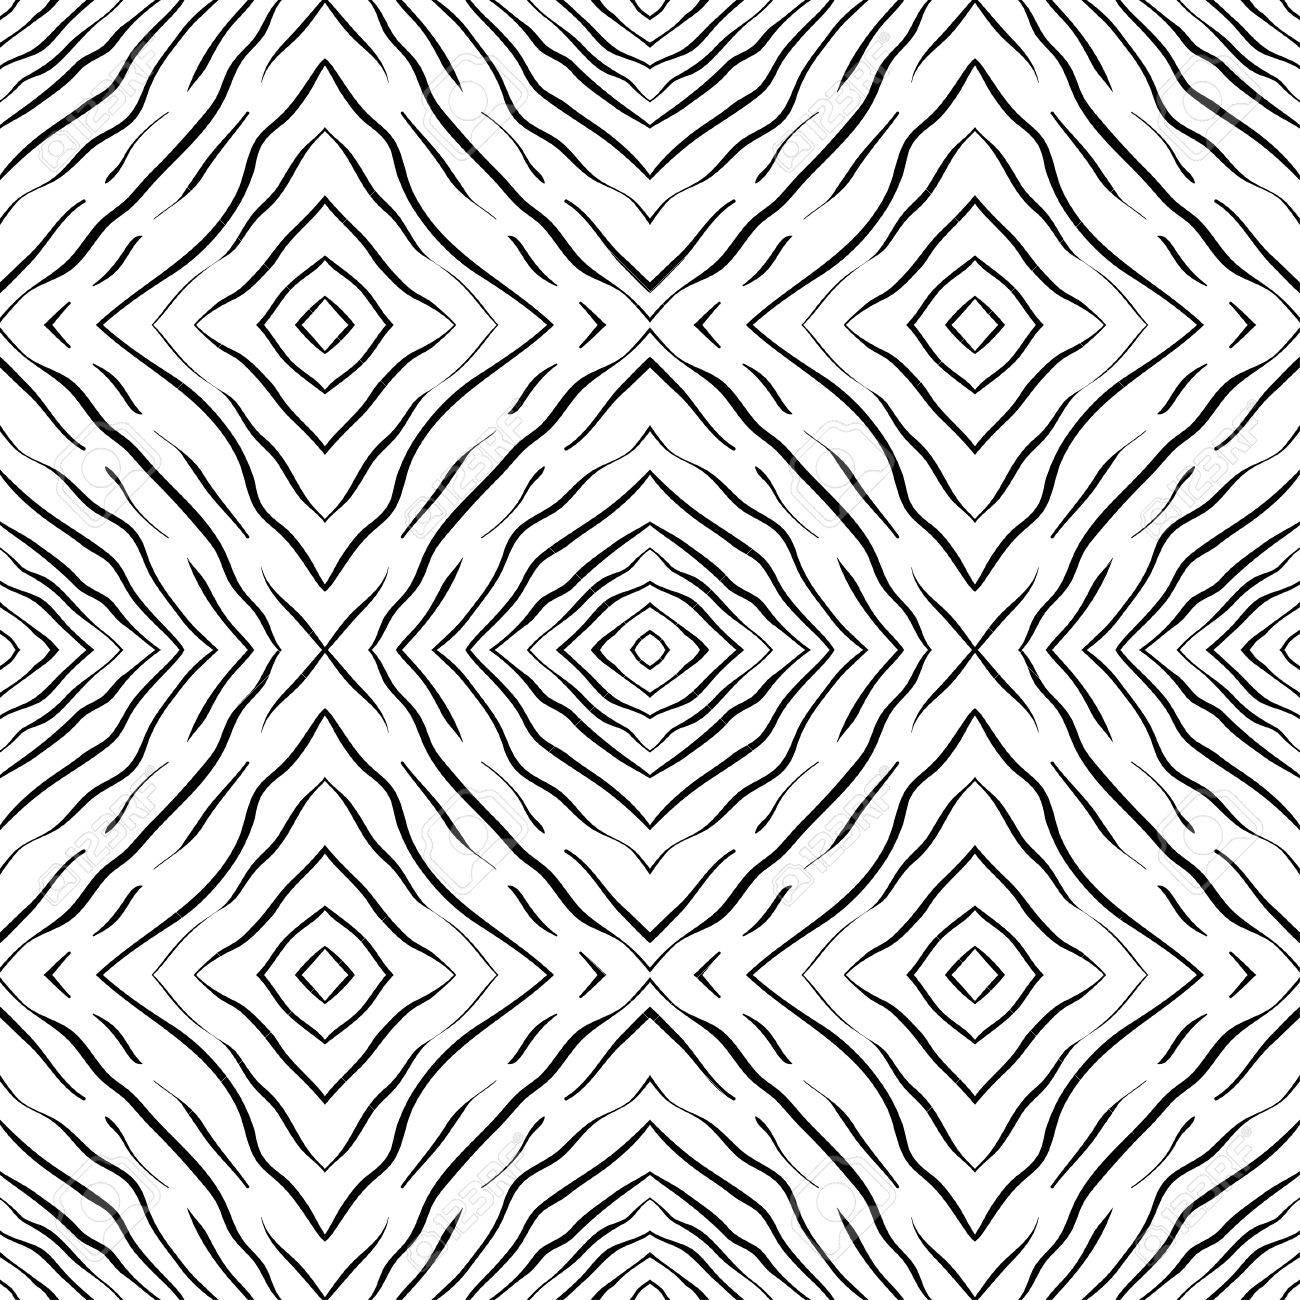 Nahtlose Handgezeichnete Abstrakte Muster Platz Hintergrund Vector